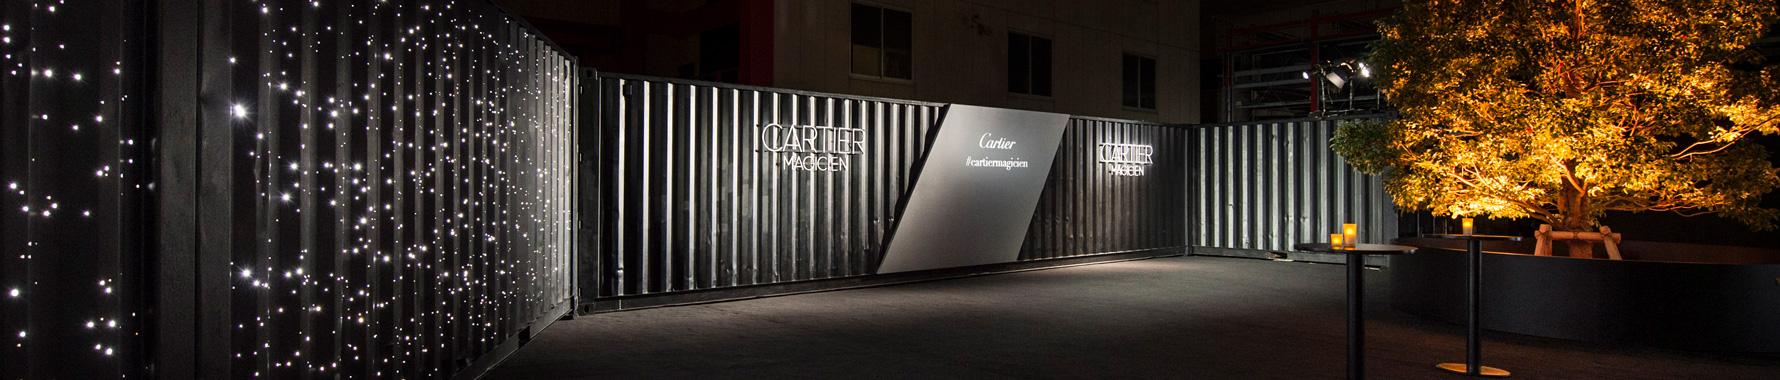 cartier_gala_dinner_tokyo_2016_img18